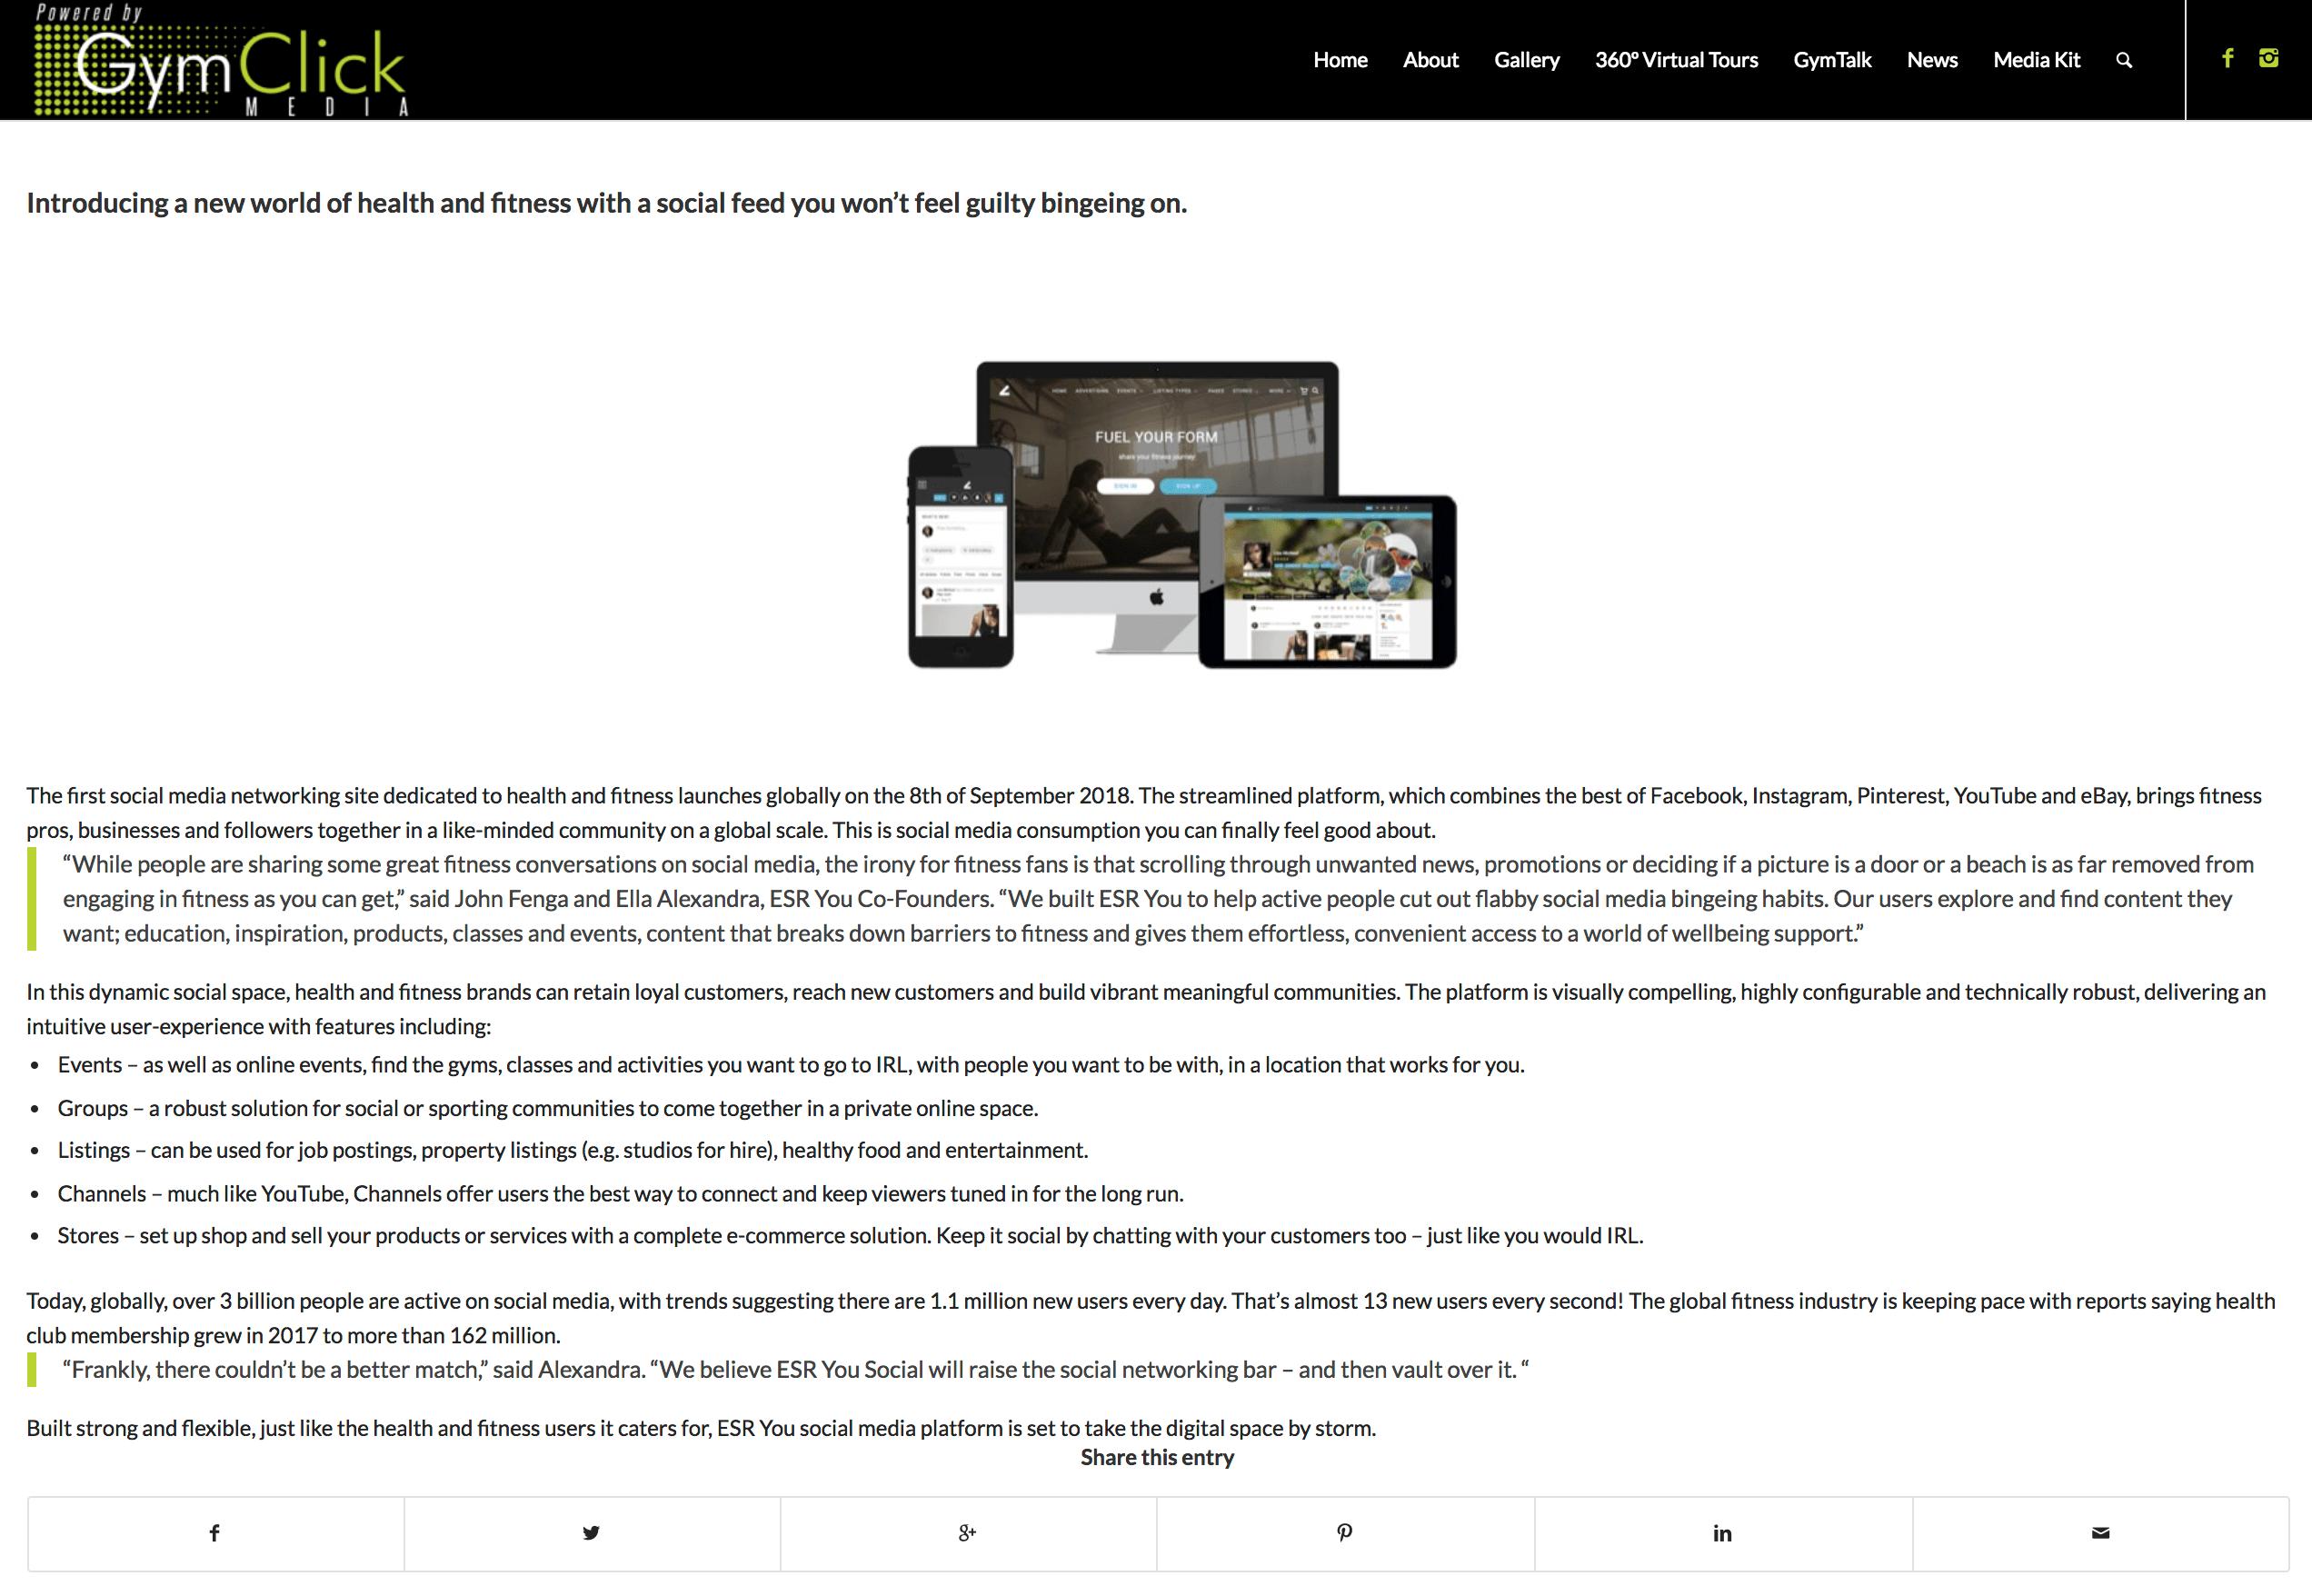 ESRYou-Social-Platform-Press-Release